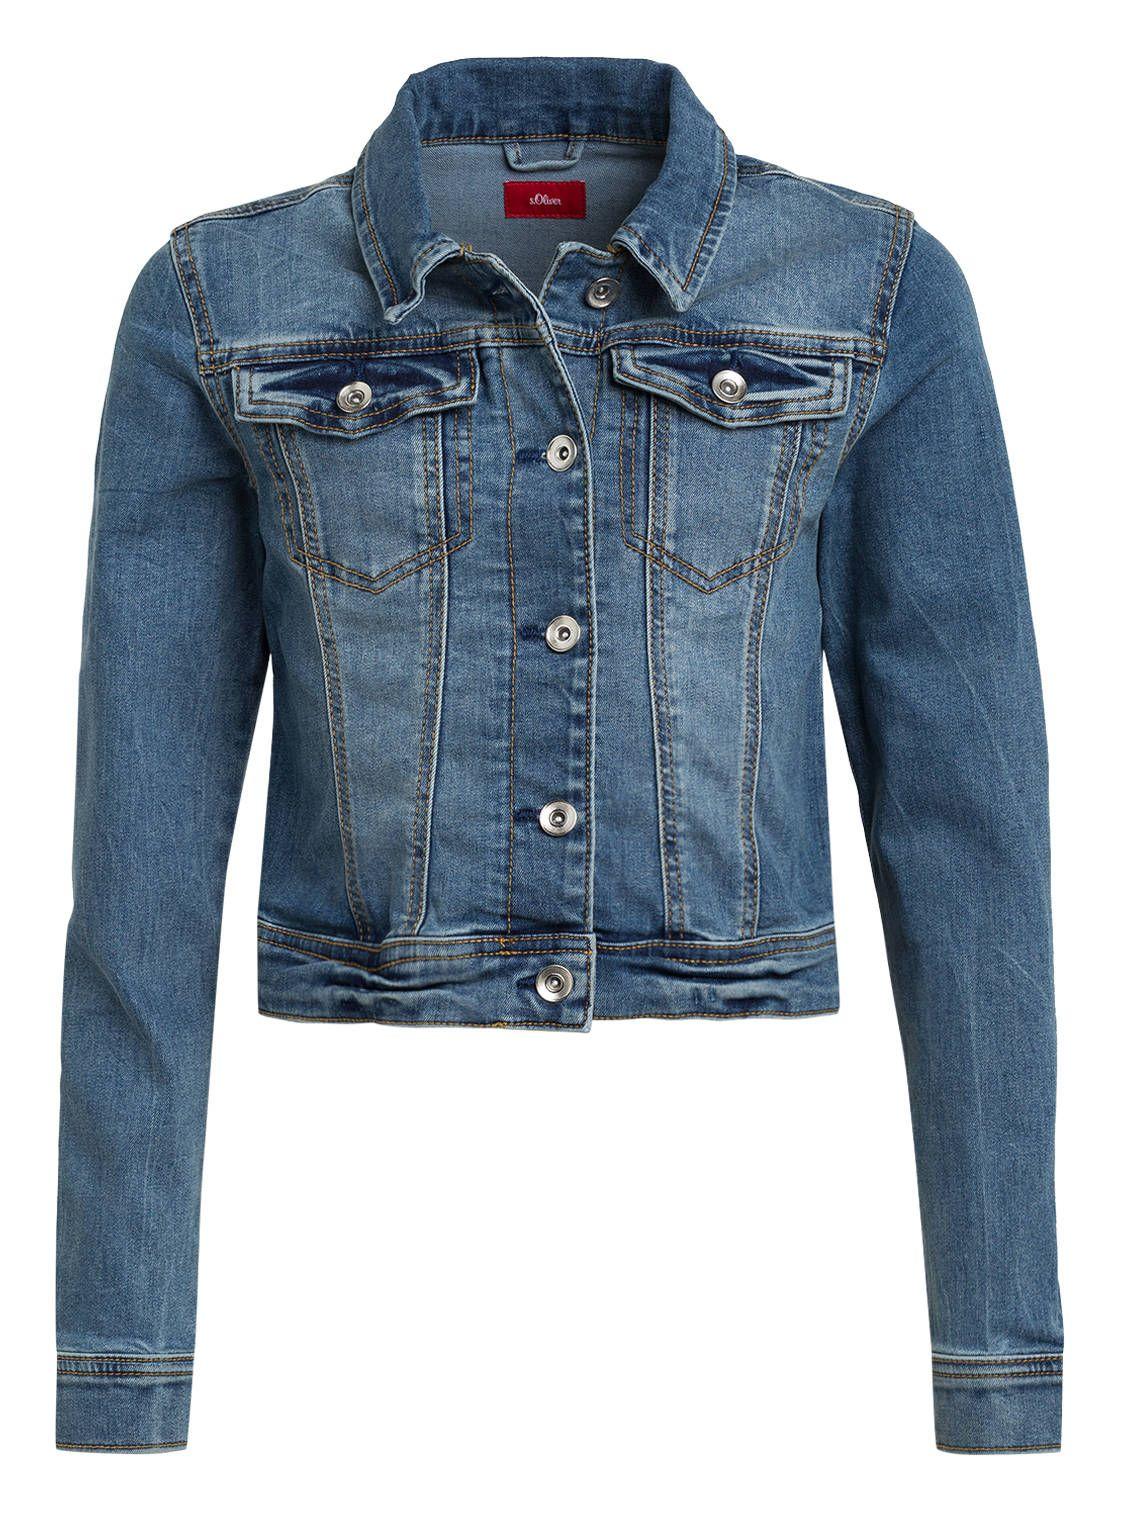 Jeansjacke  von s.Oliver bei Breuninger kaufen